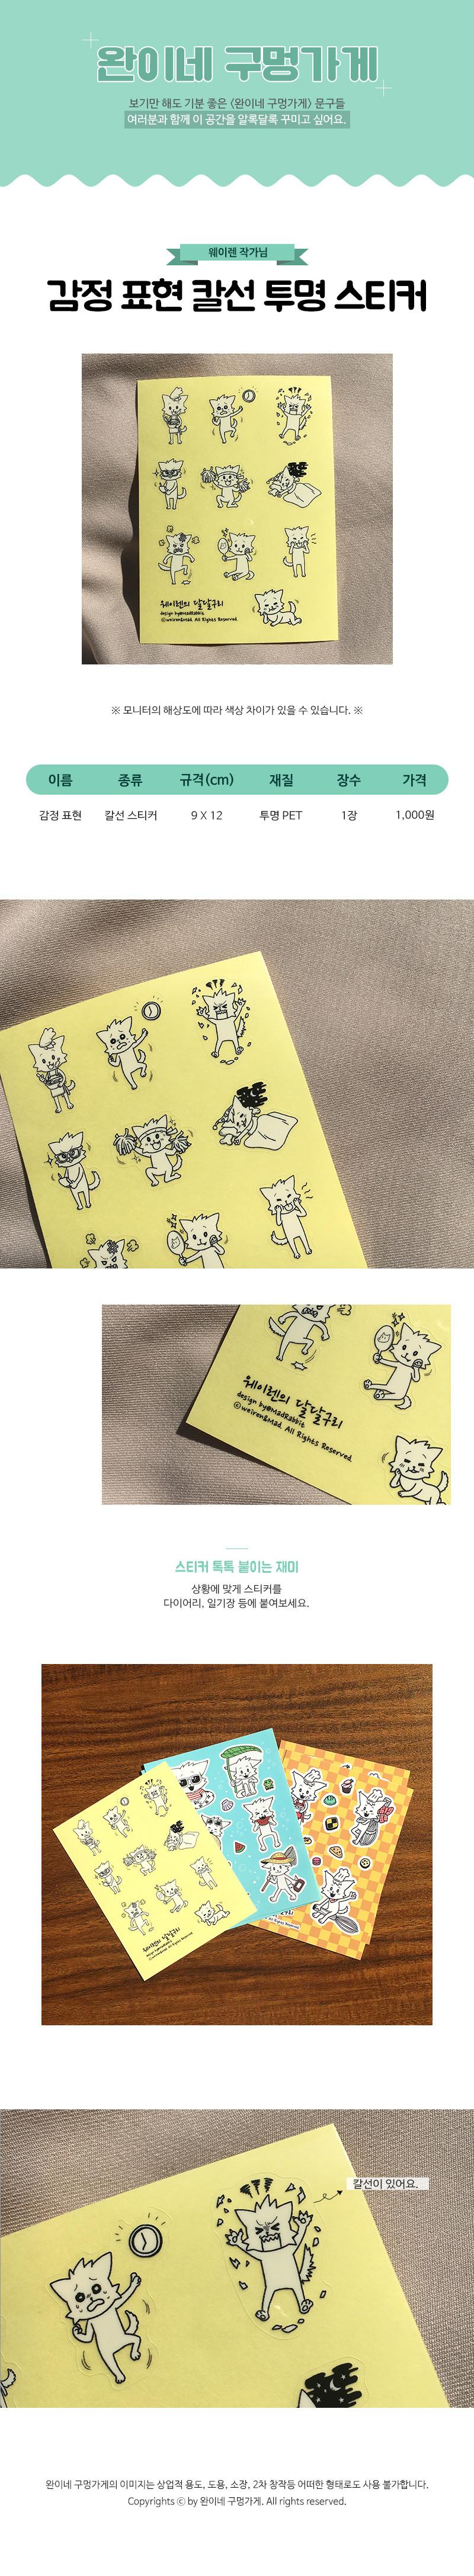 sticker557